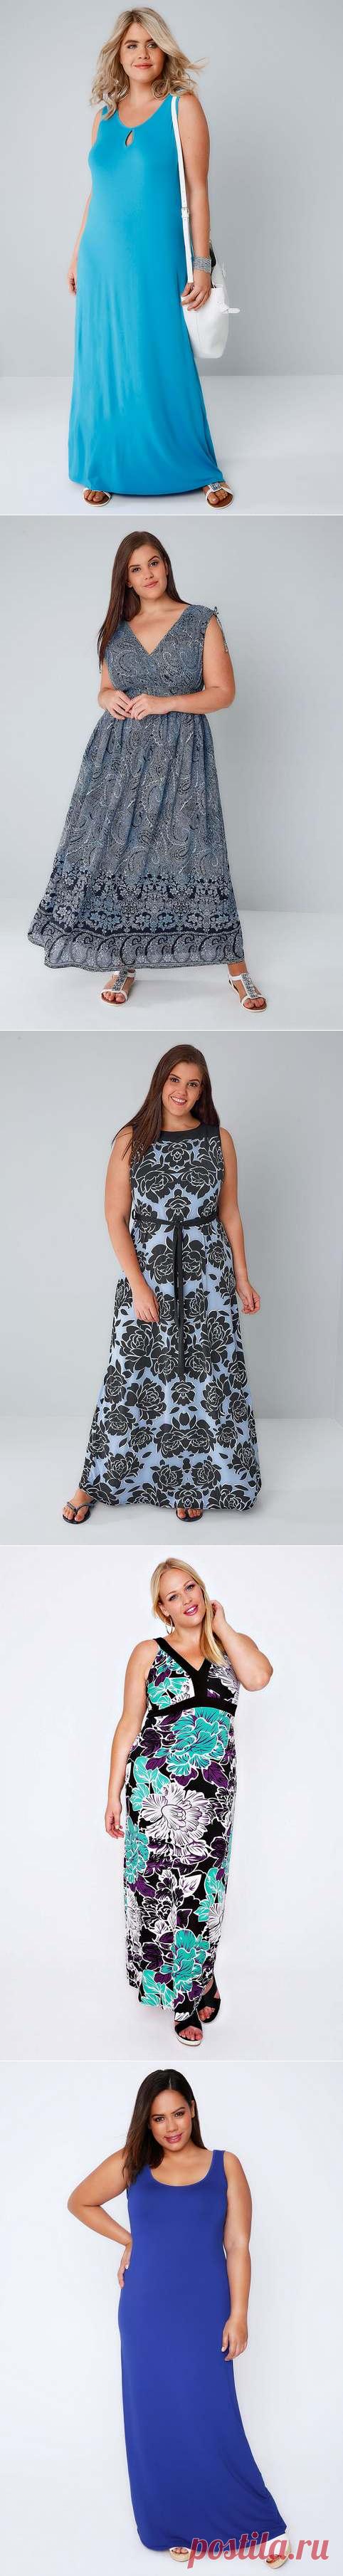 6b5775acc6d7738 Длинные платья и сарафаны для полных девушек и женщин английского бренда  Yours, лето 2017 (